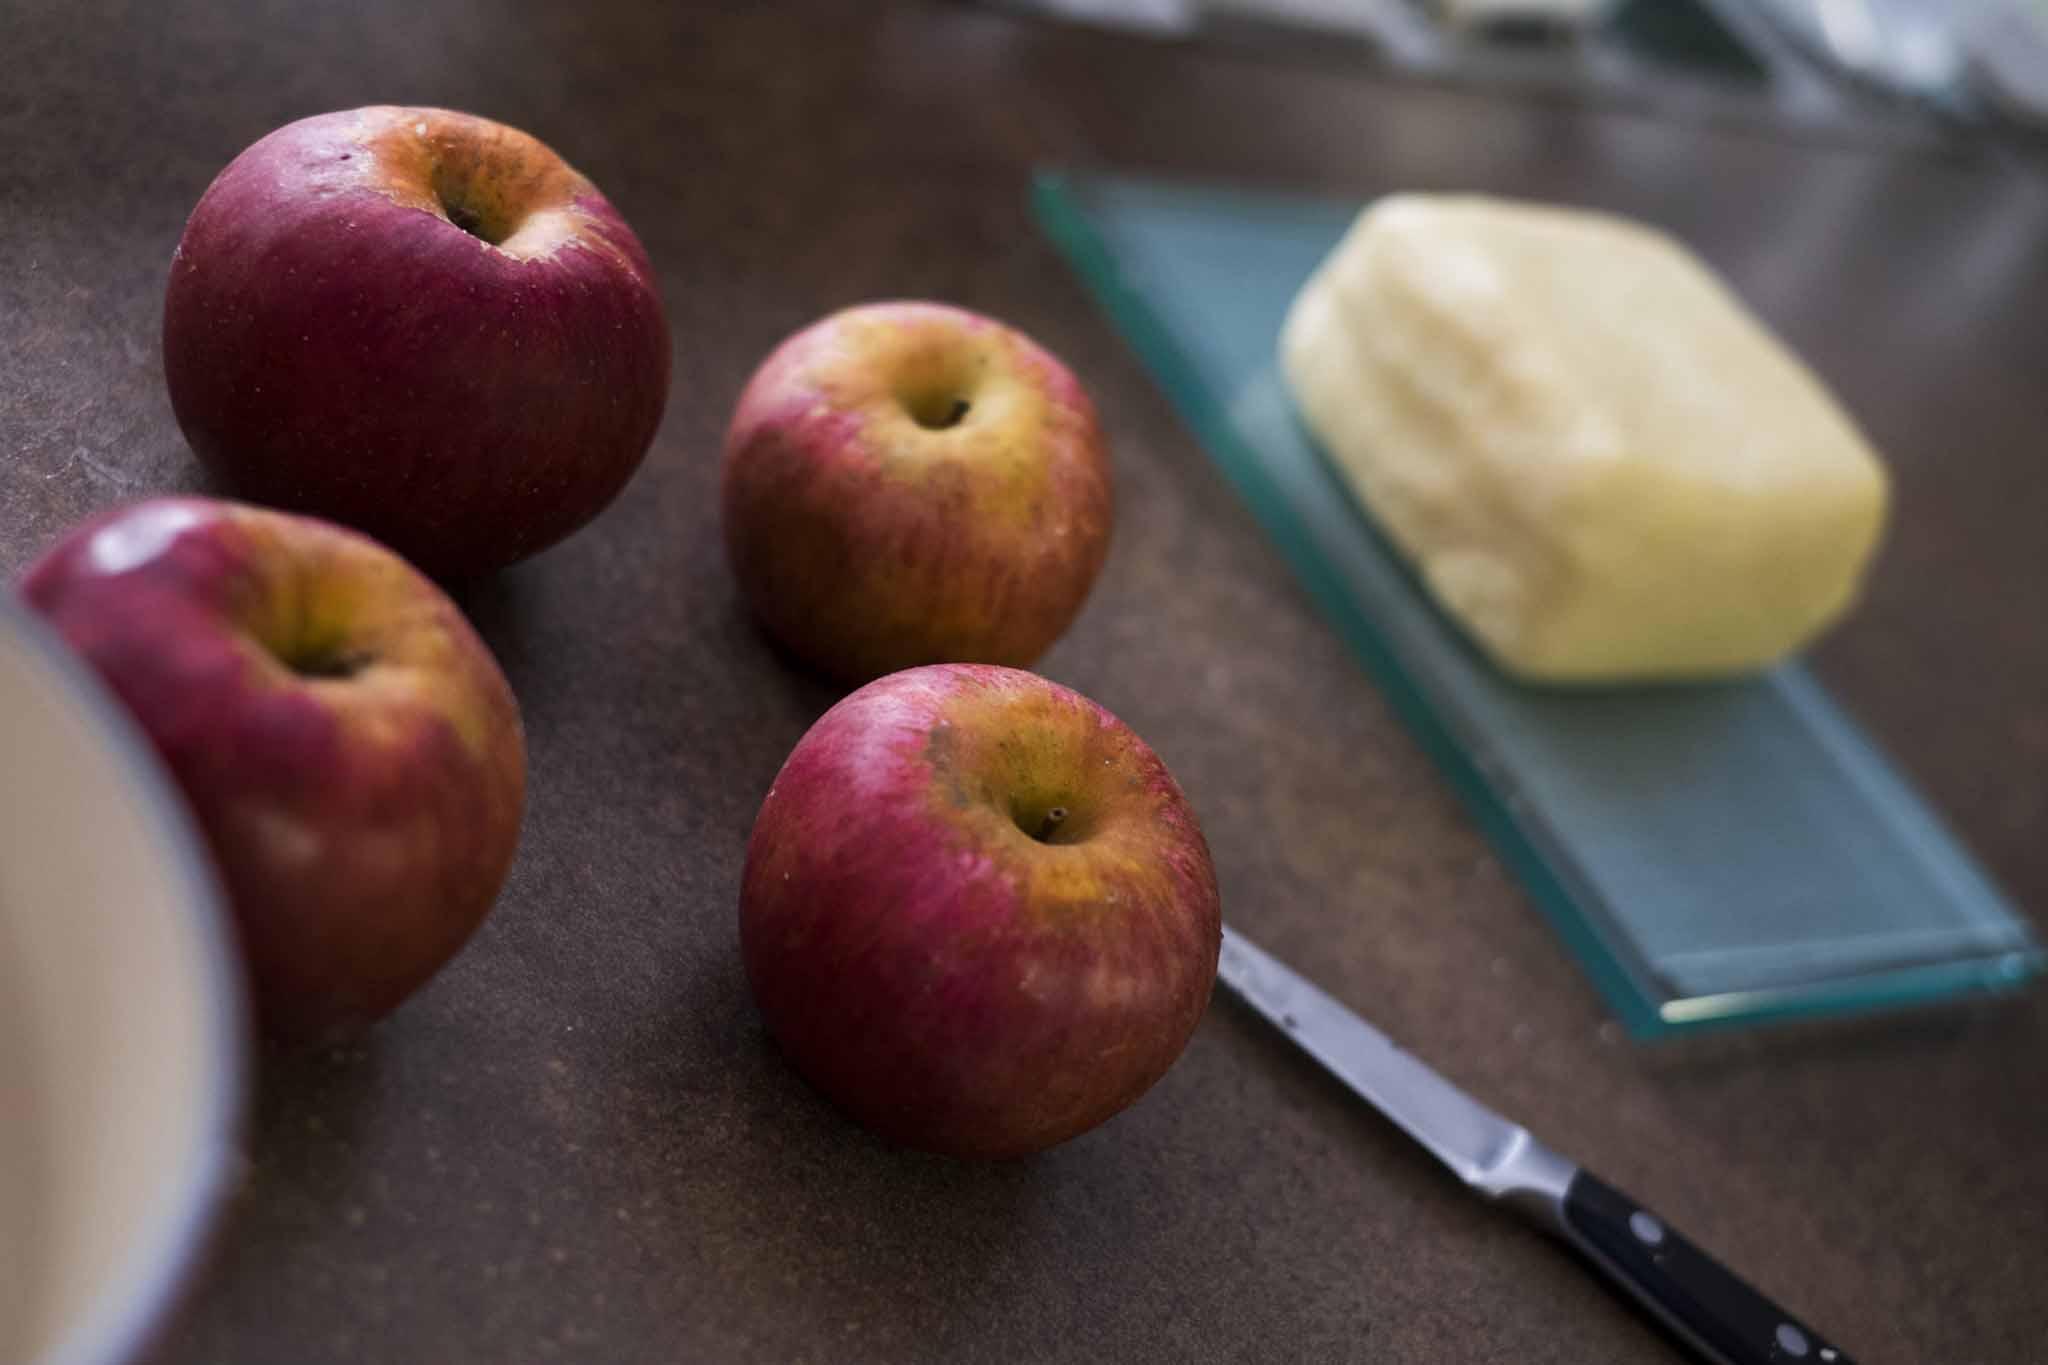 preparazione mele